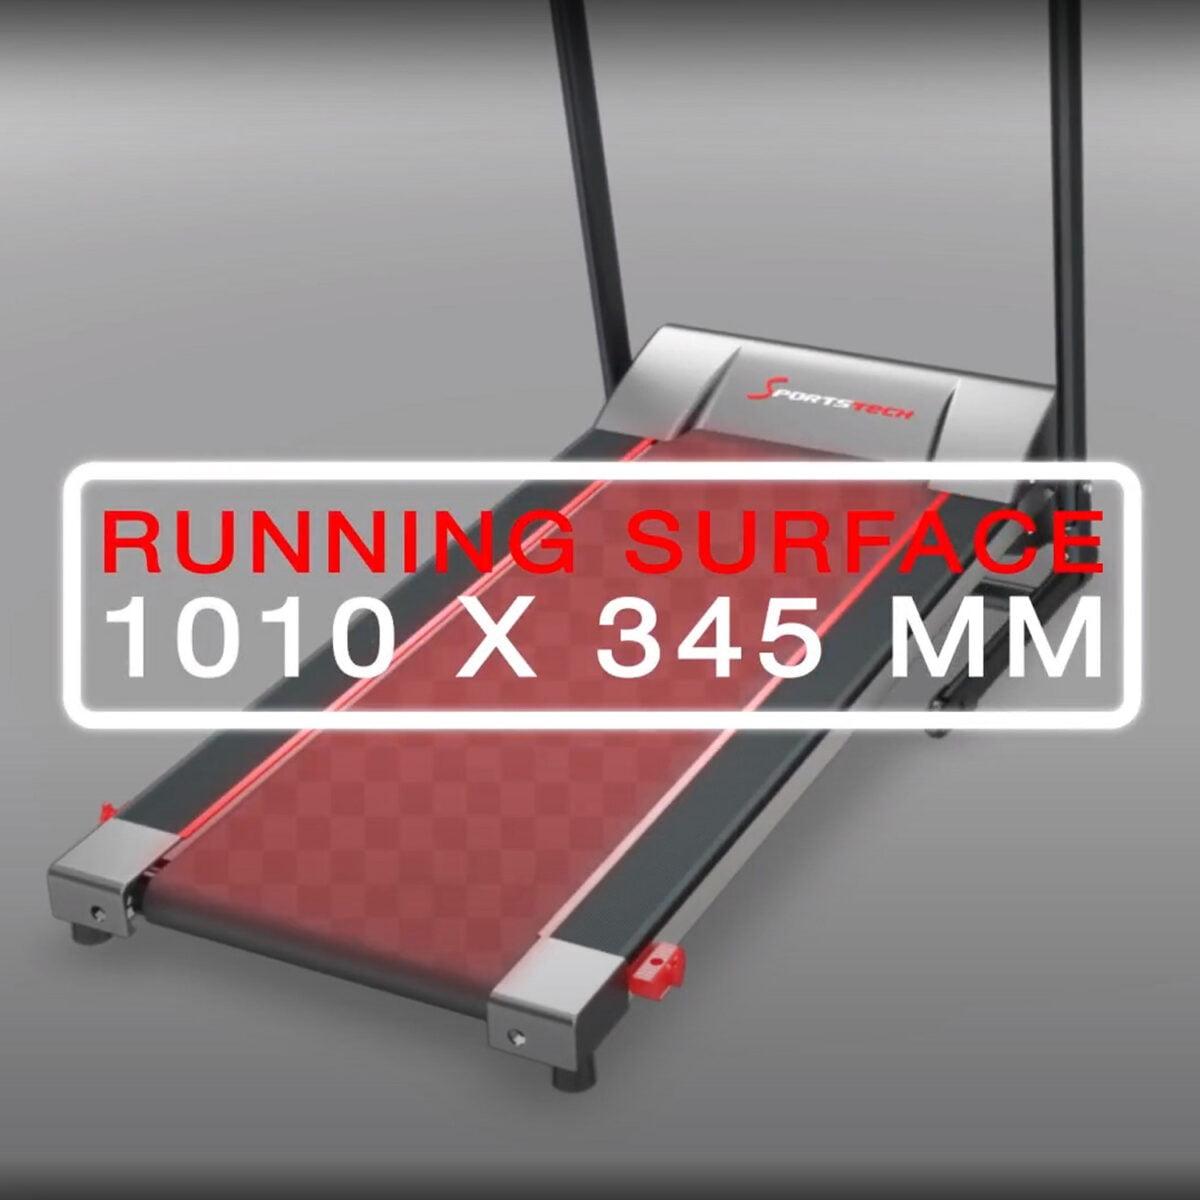 Sportstech F10 Treadmill running track dimensions